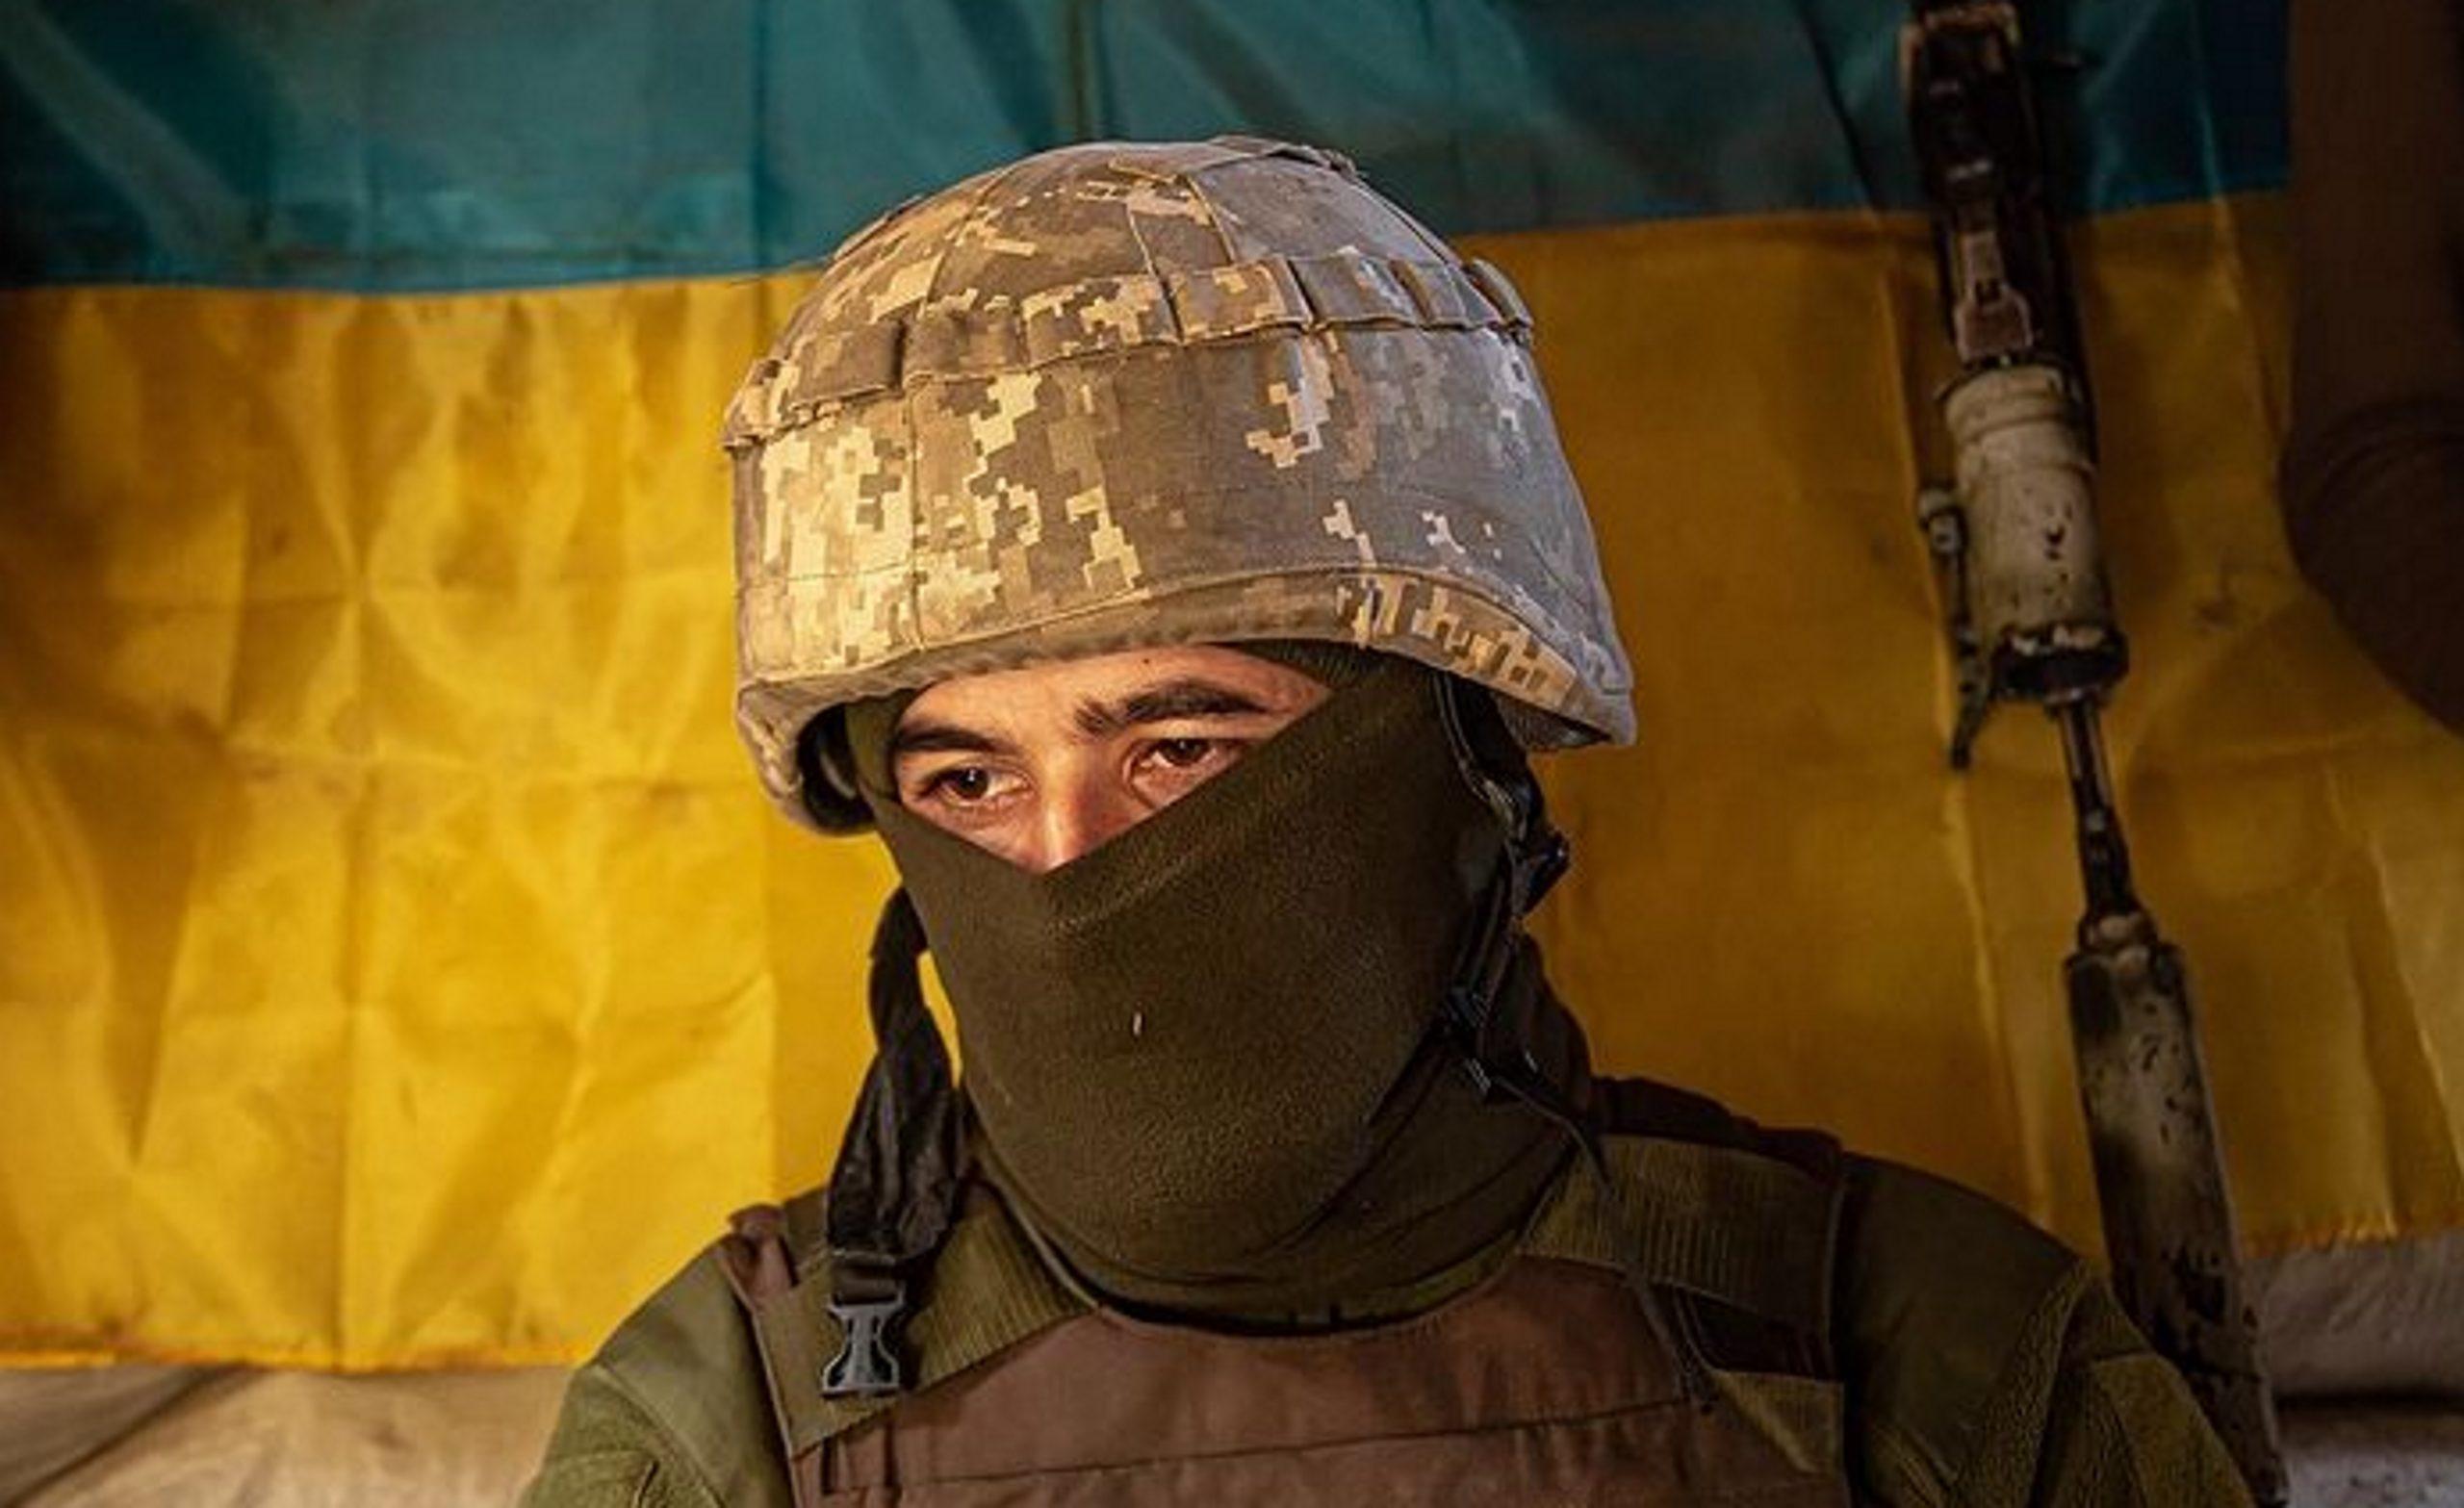 За стуки на Донбассе погибли двое украинских военных. Украина созывает экстренное заседание ТКГ